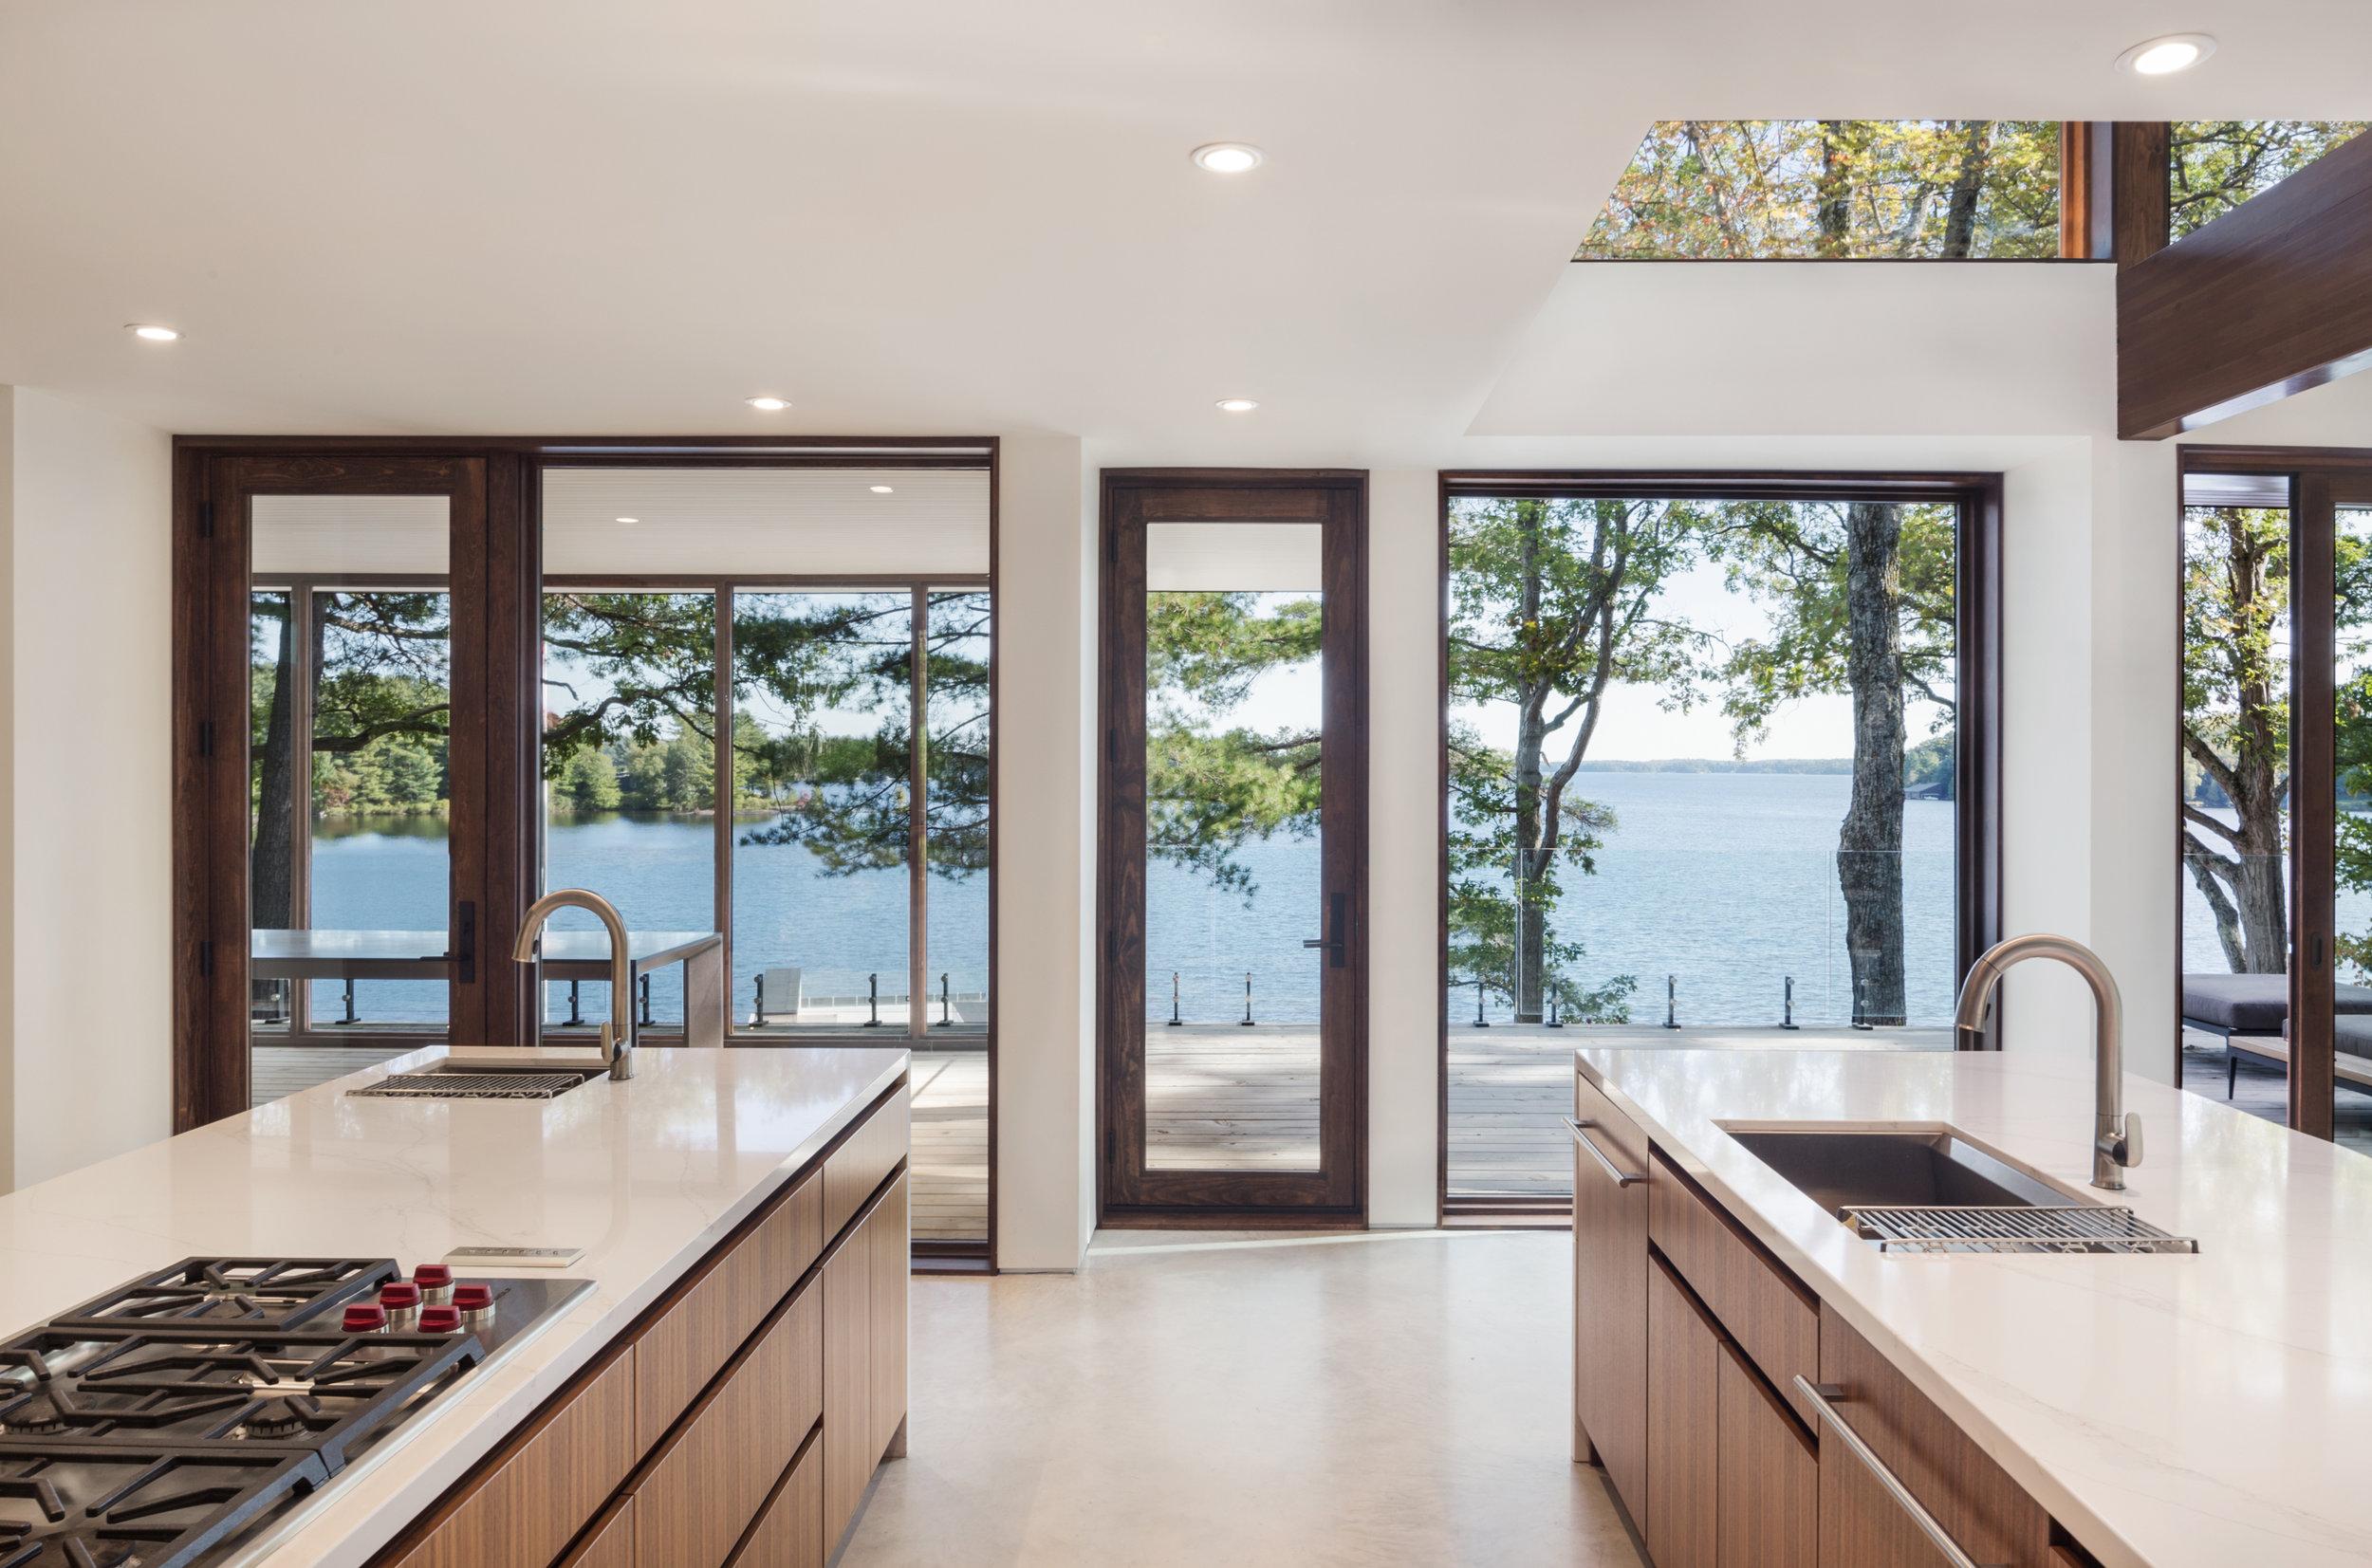 turkel_design_modern_prefab_home_kitchen_view.jpg